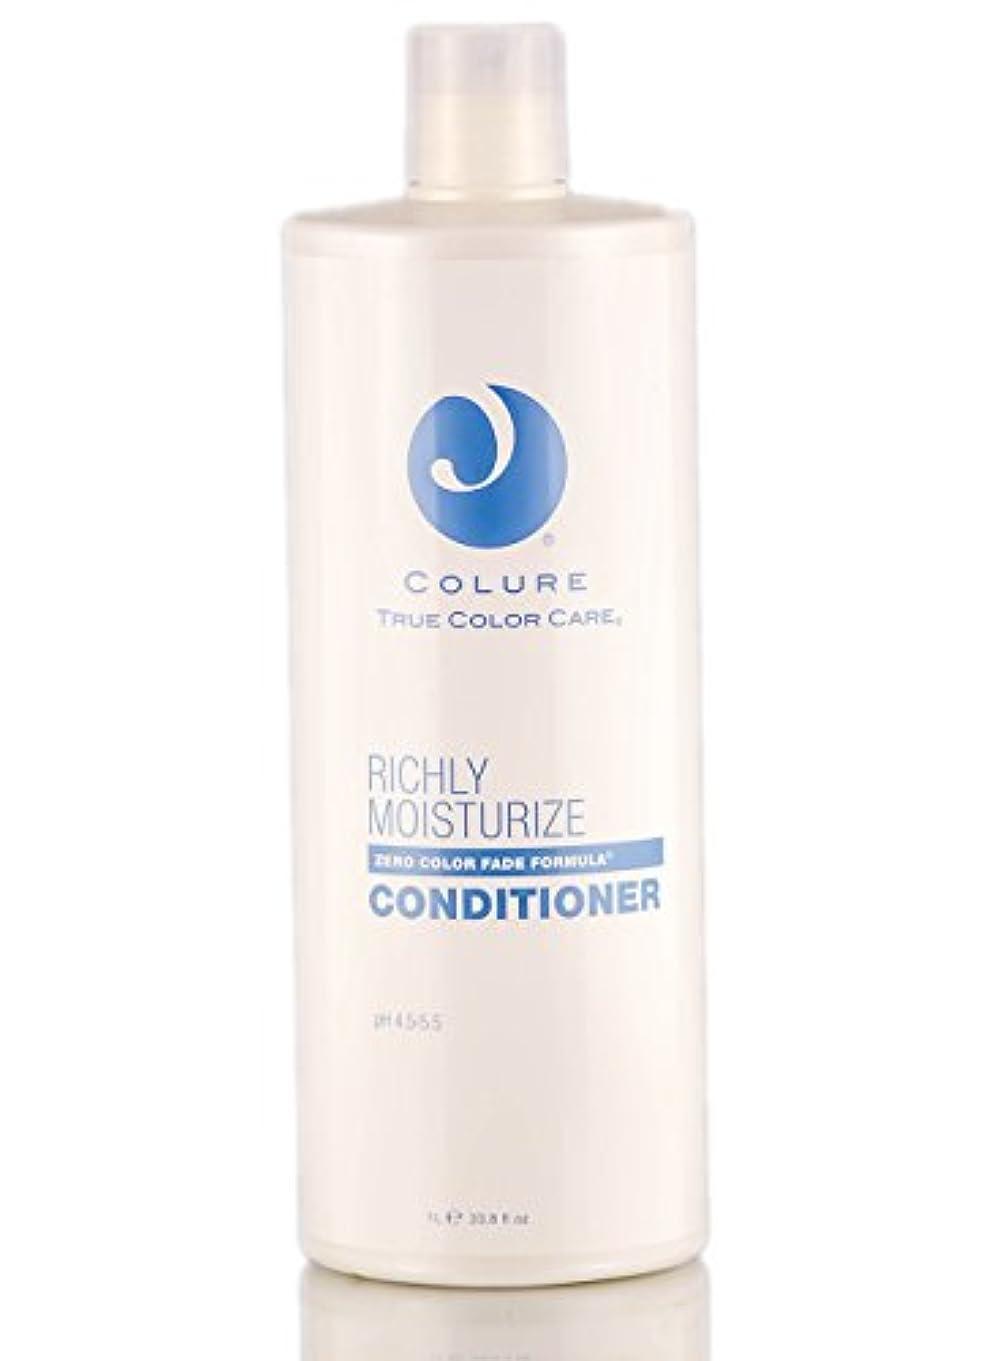 無条件テスト電子レンジColure True Color Care Colure豊か潤いコンディショナー(新パッケージ)33.8液量オンス